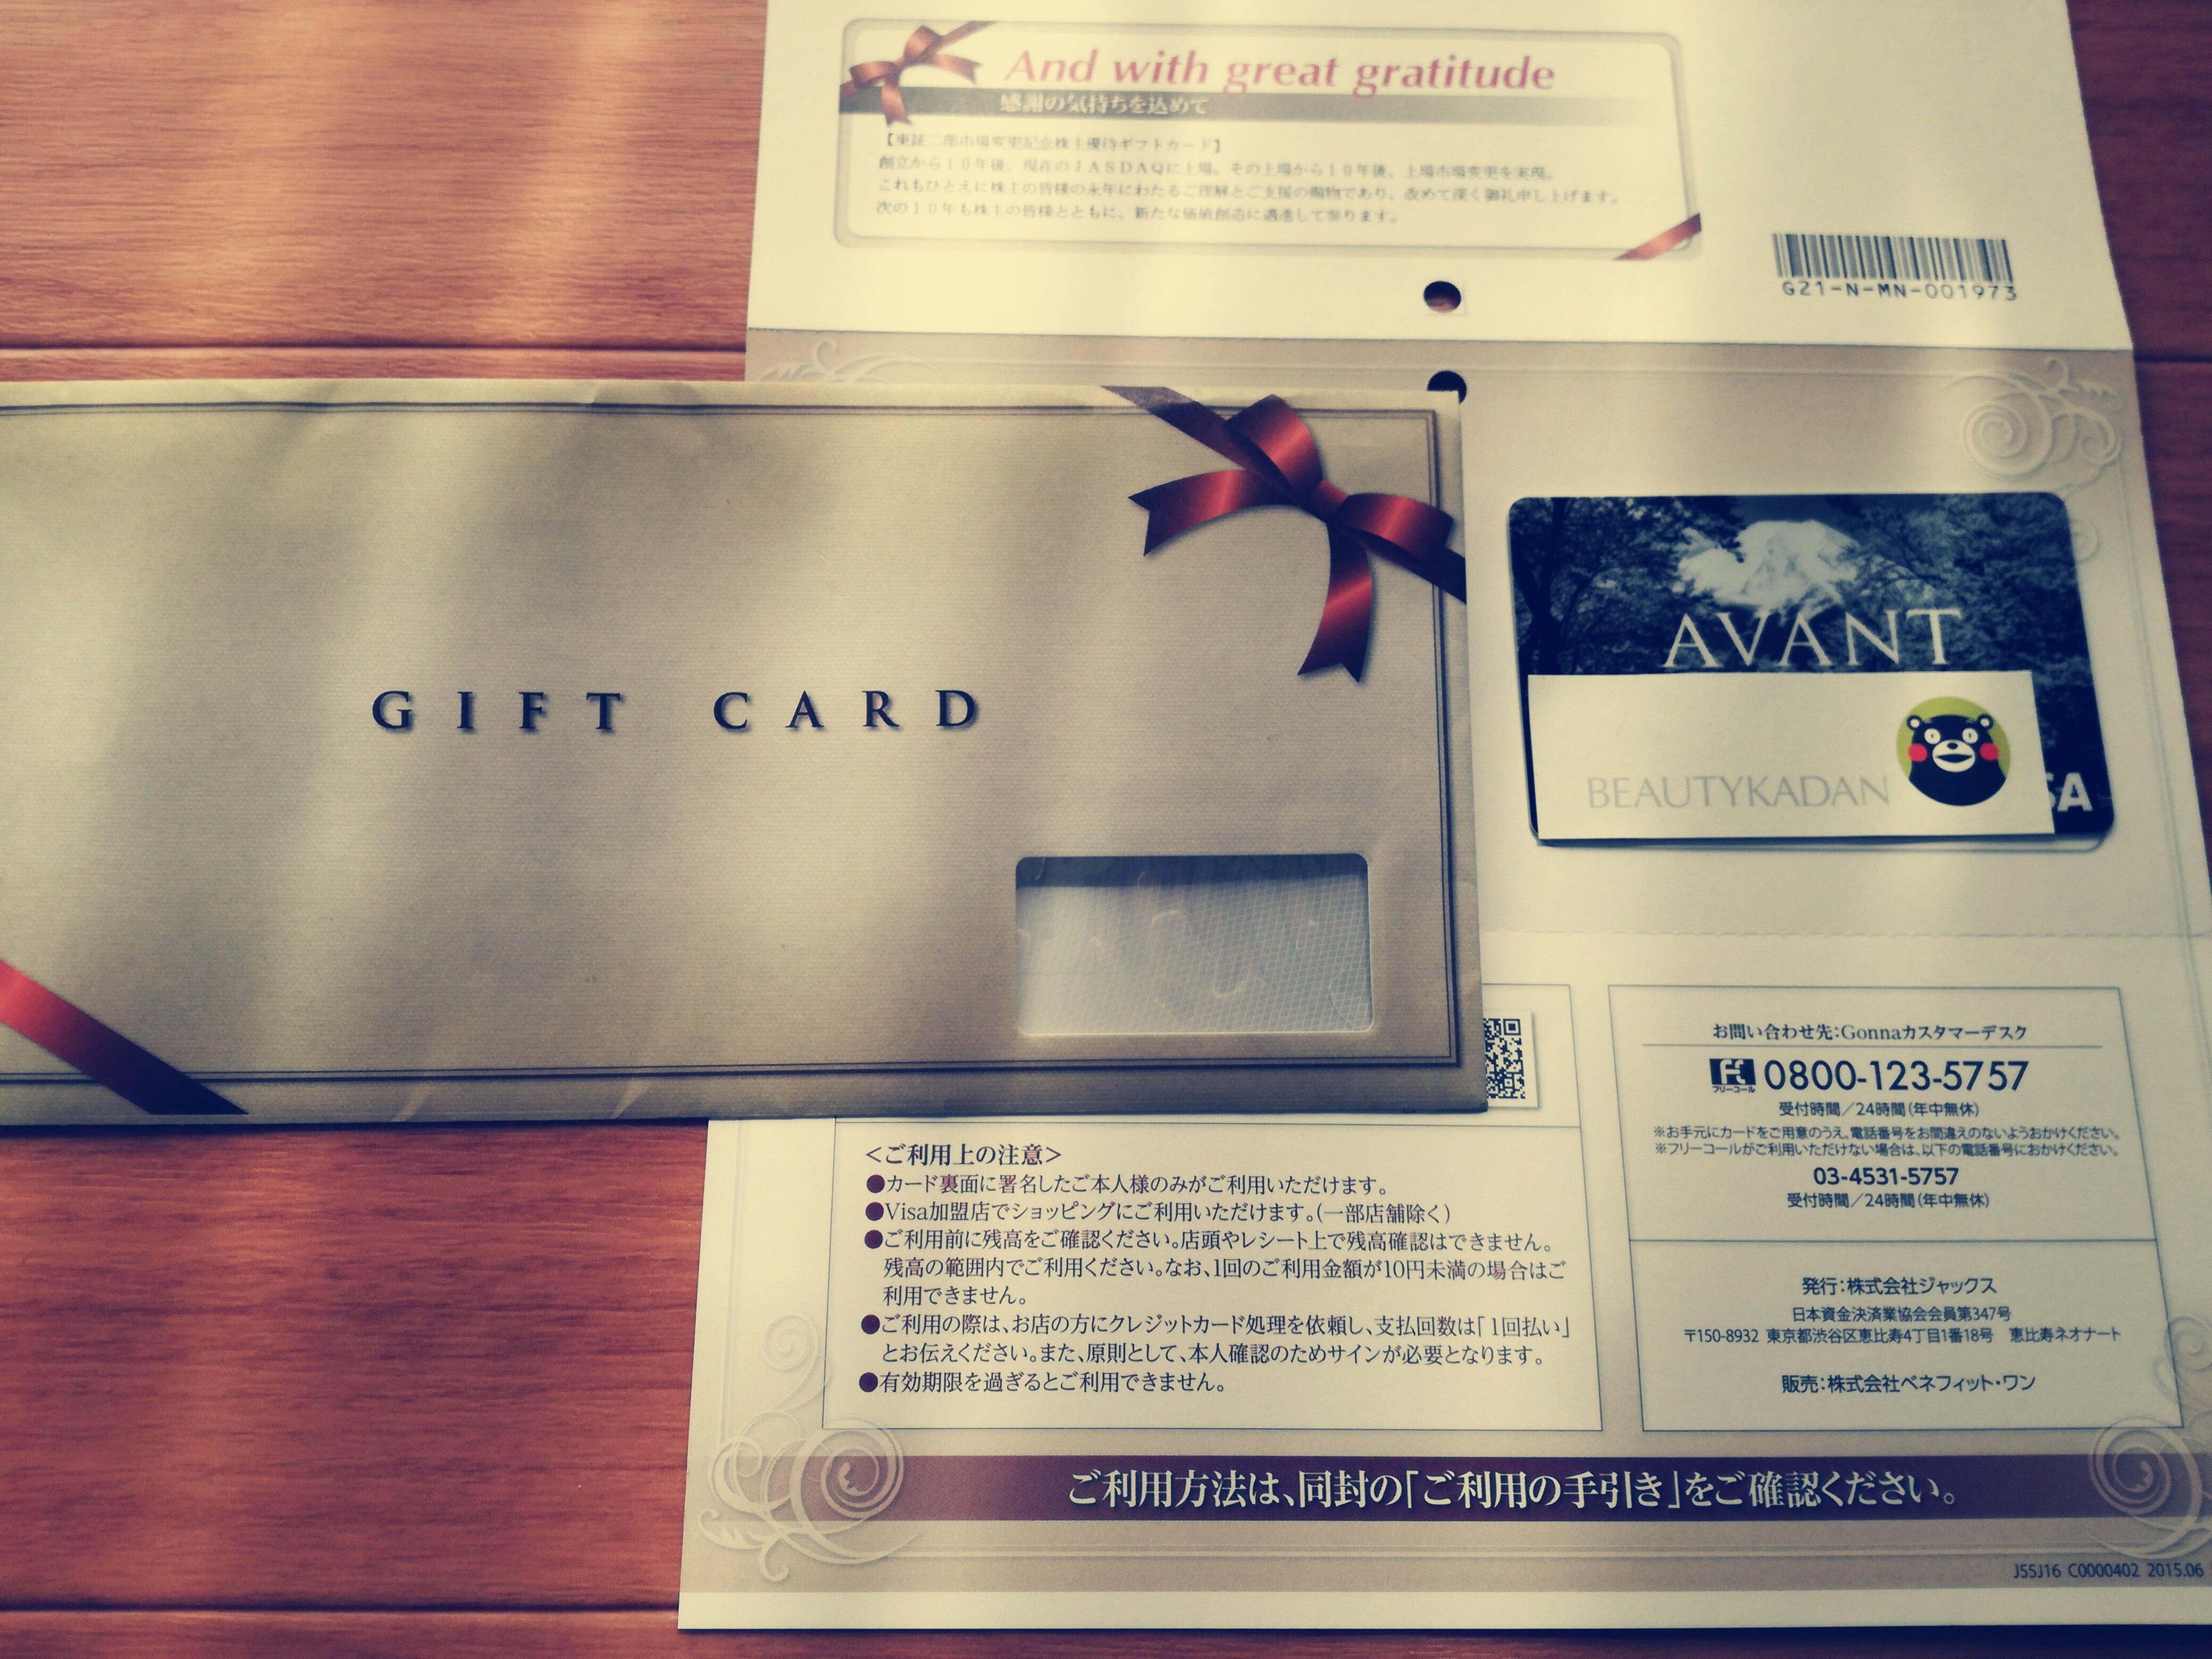 アバント(3836)から東証2部変更記念株主優待のVisaギフトカード1,000円分が到着!